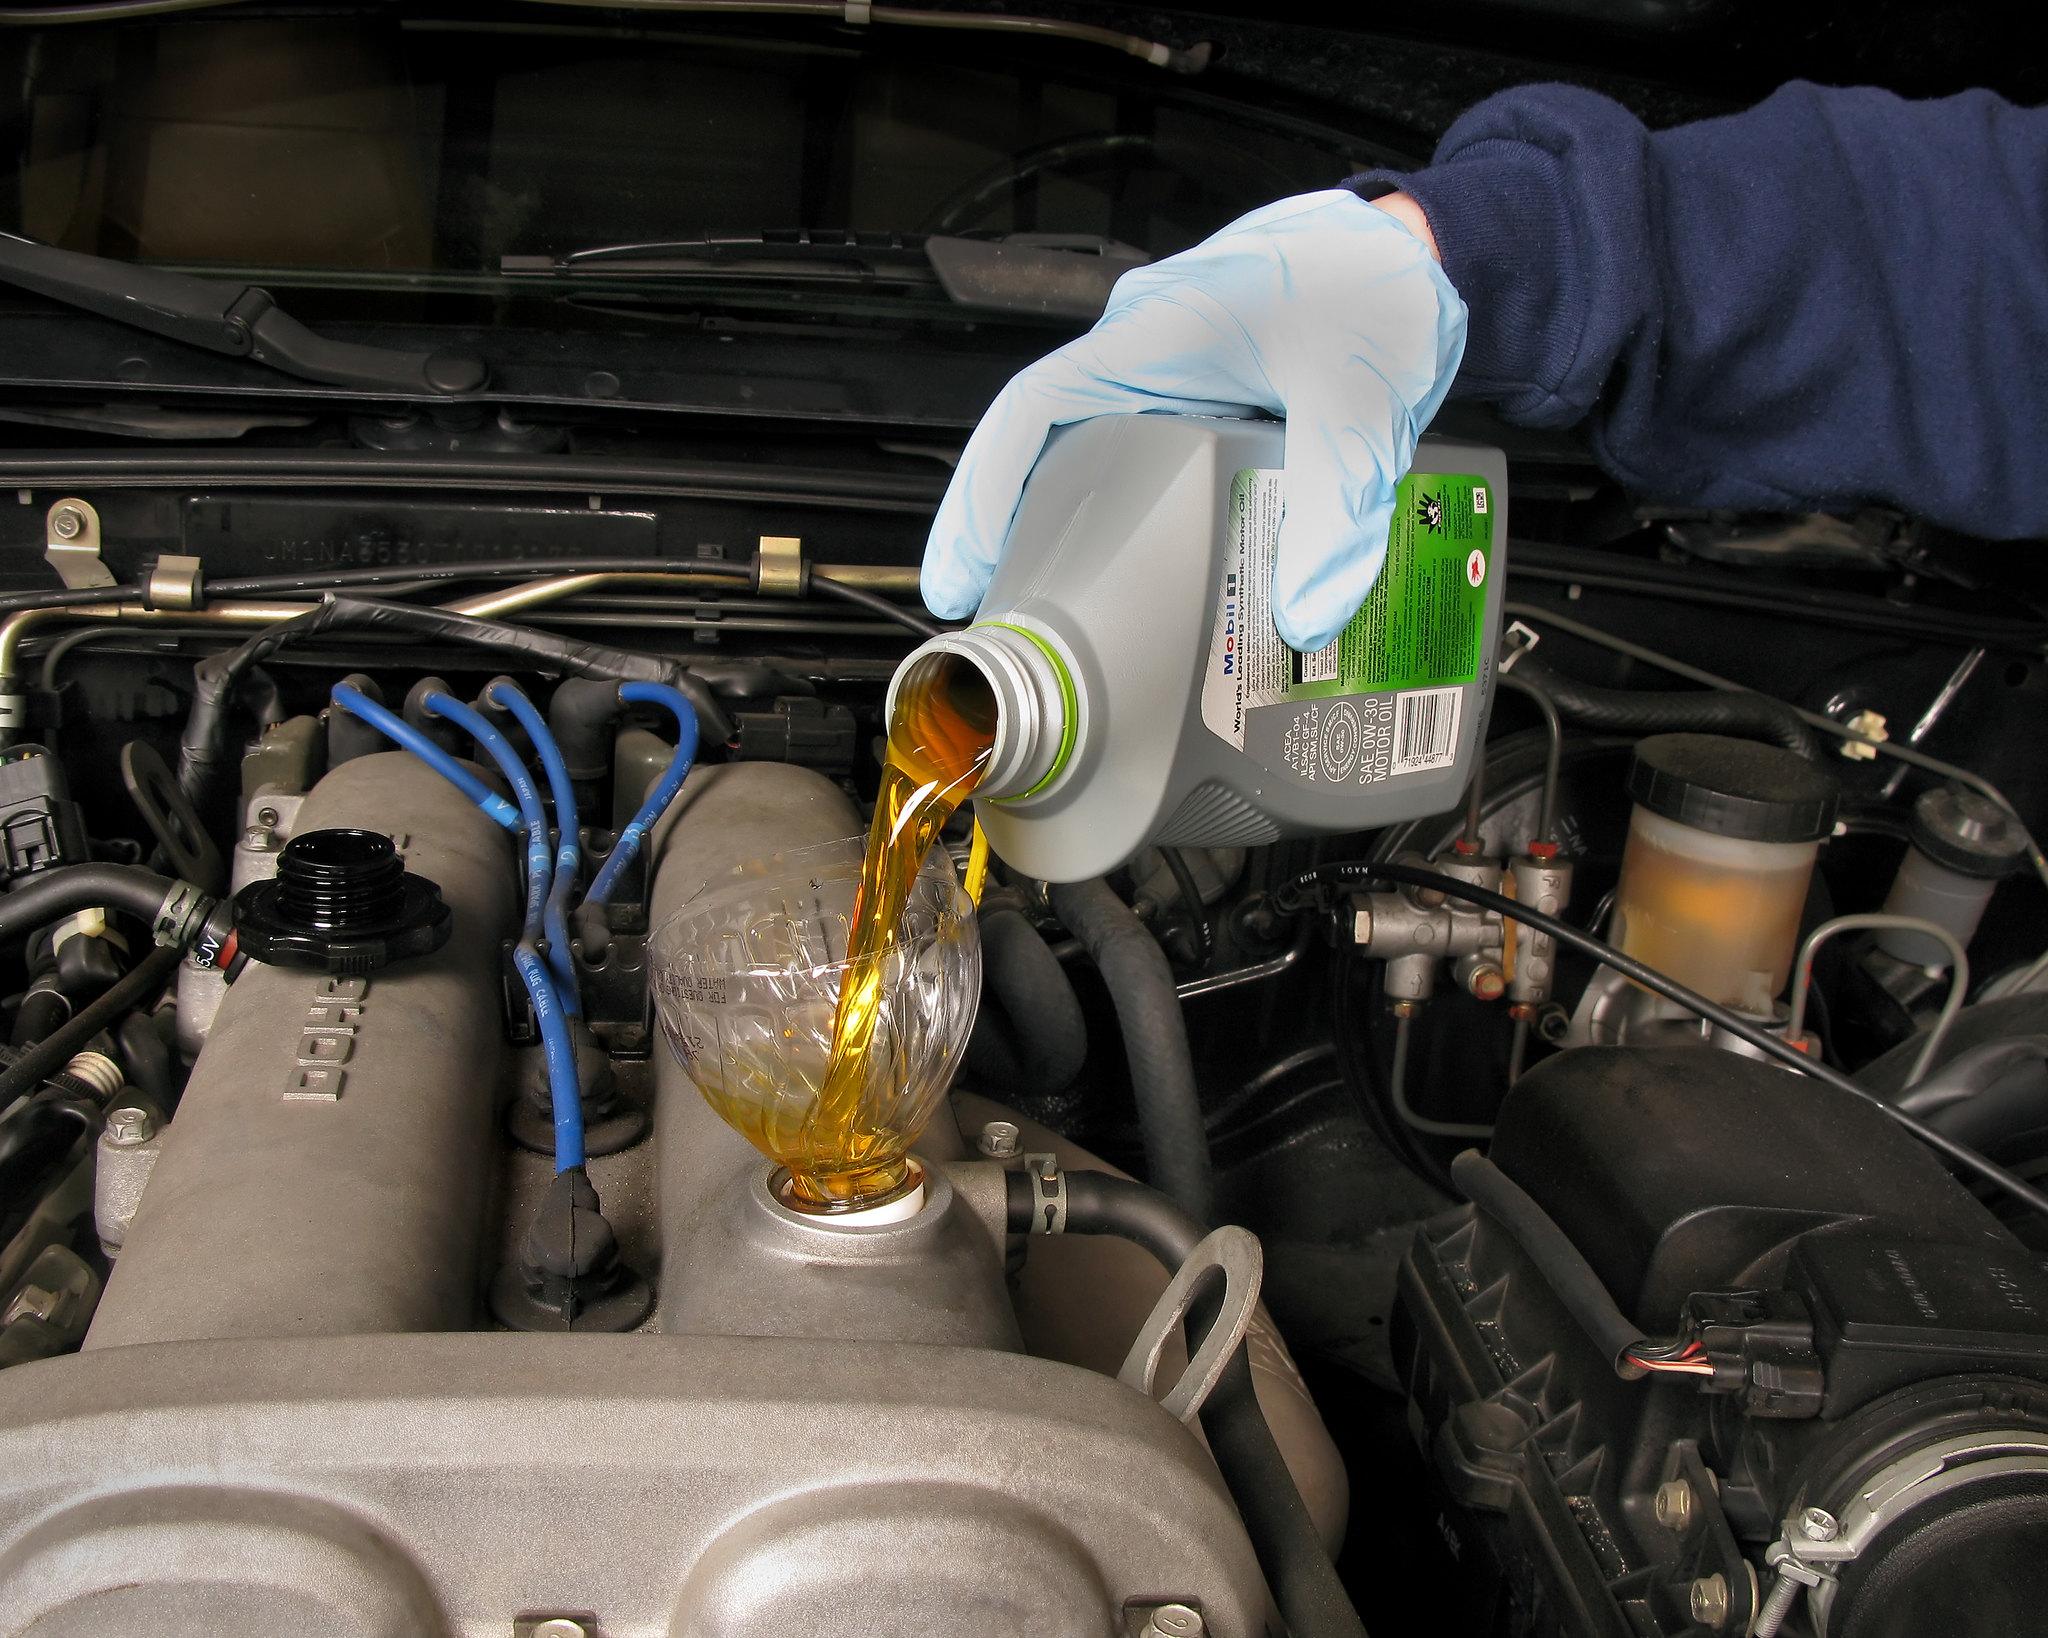 Aceite para el coche | Foto: Creativecommons.org